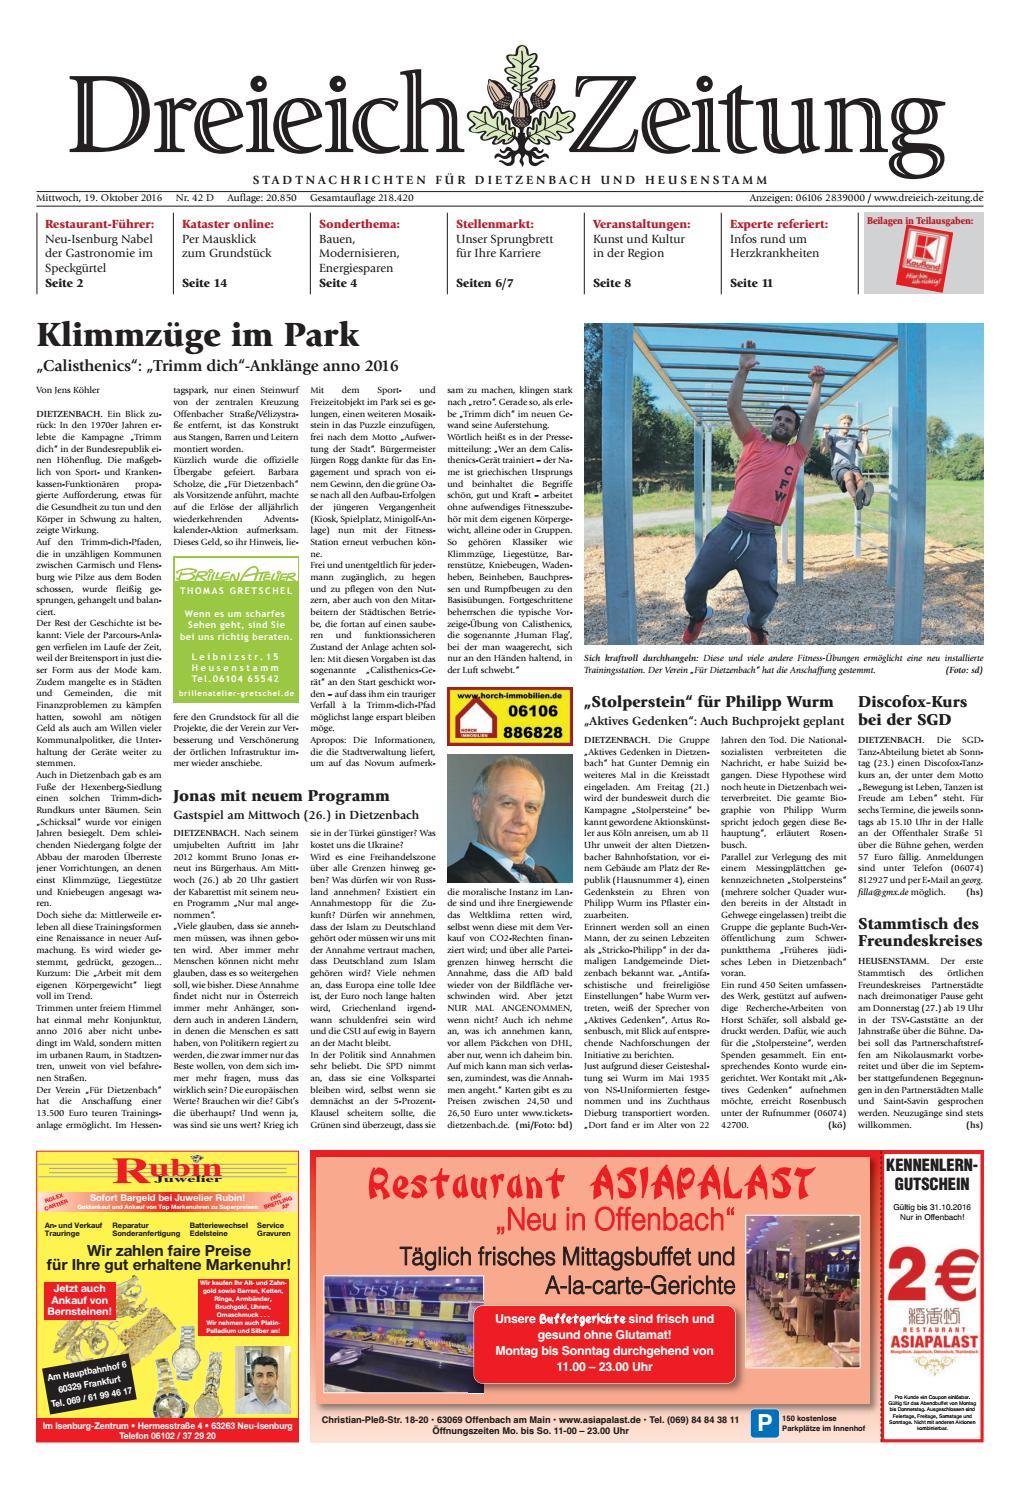 Dz online 8 8 d by Dreieich Zeitung/Offenbach Journal   issuu